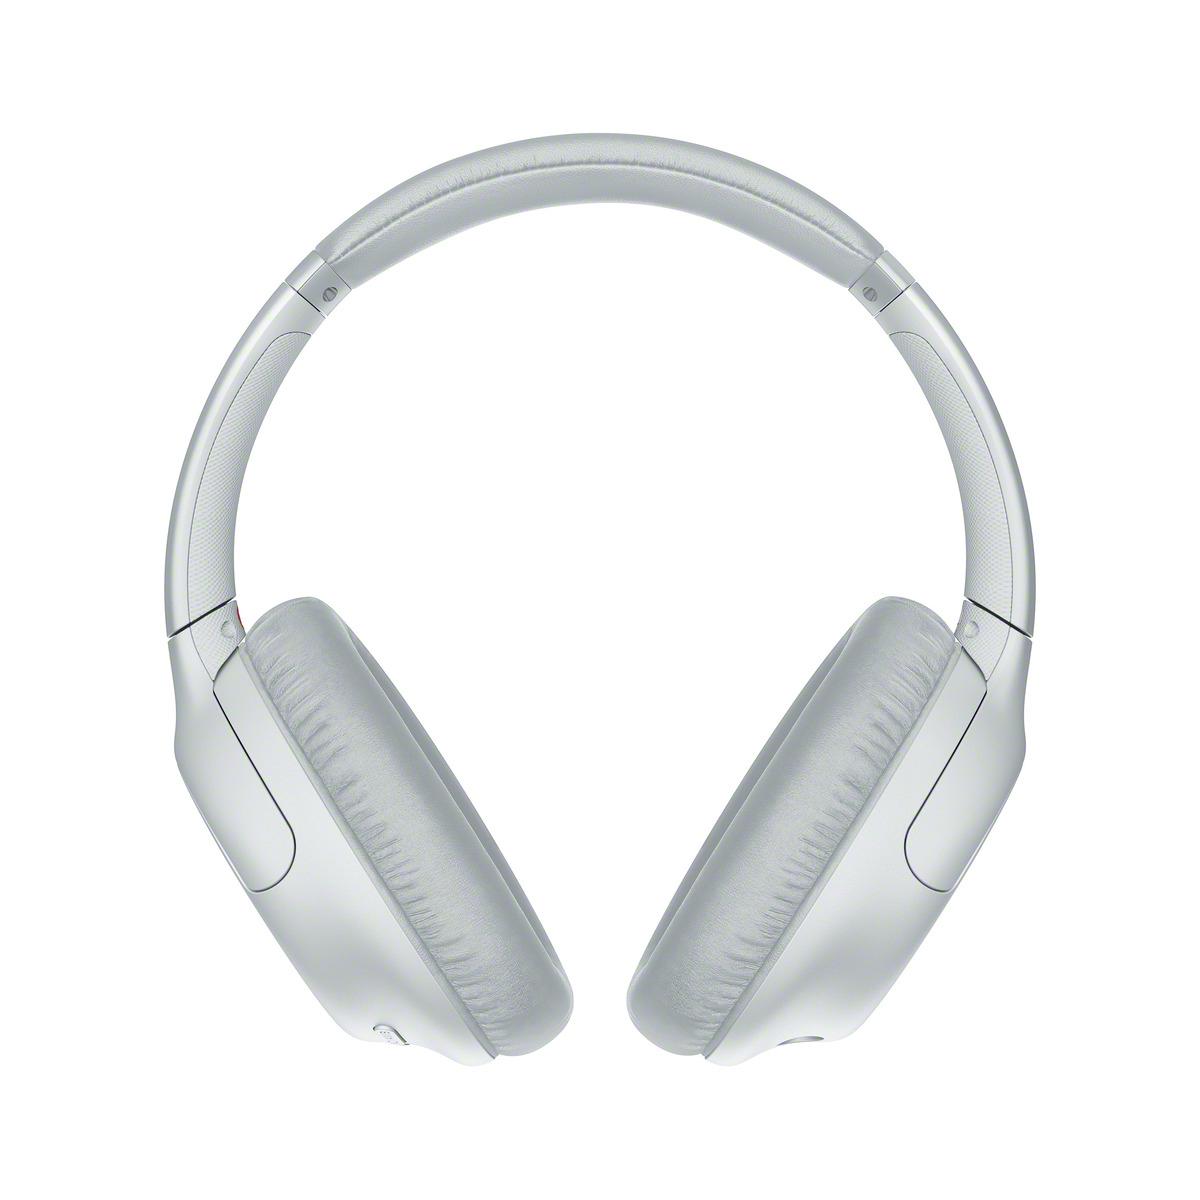 소니 노이즈 캔슬링 블루투스 무선 헤드폰, 화이트, WH-CH710N